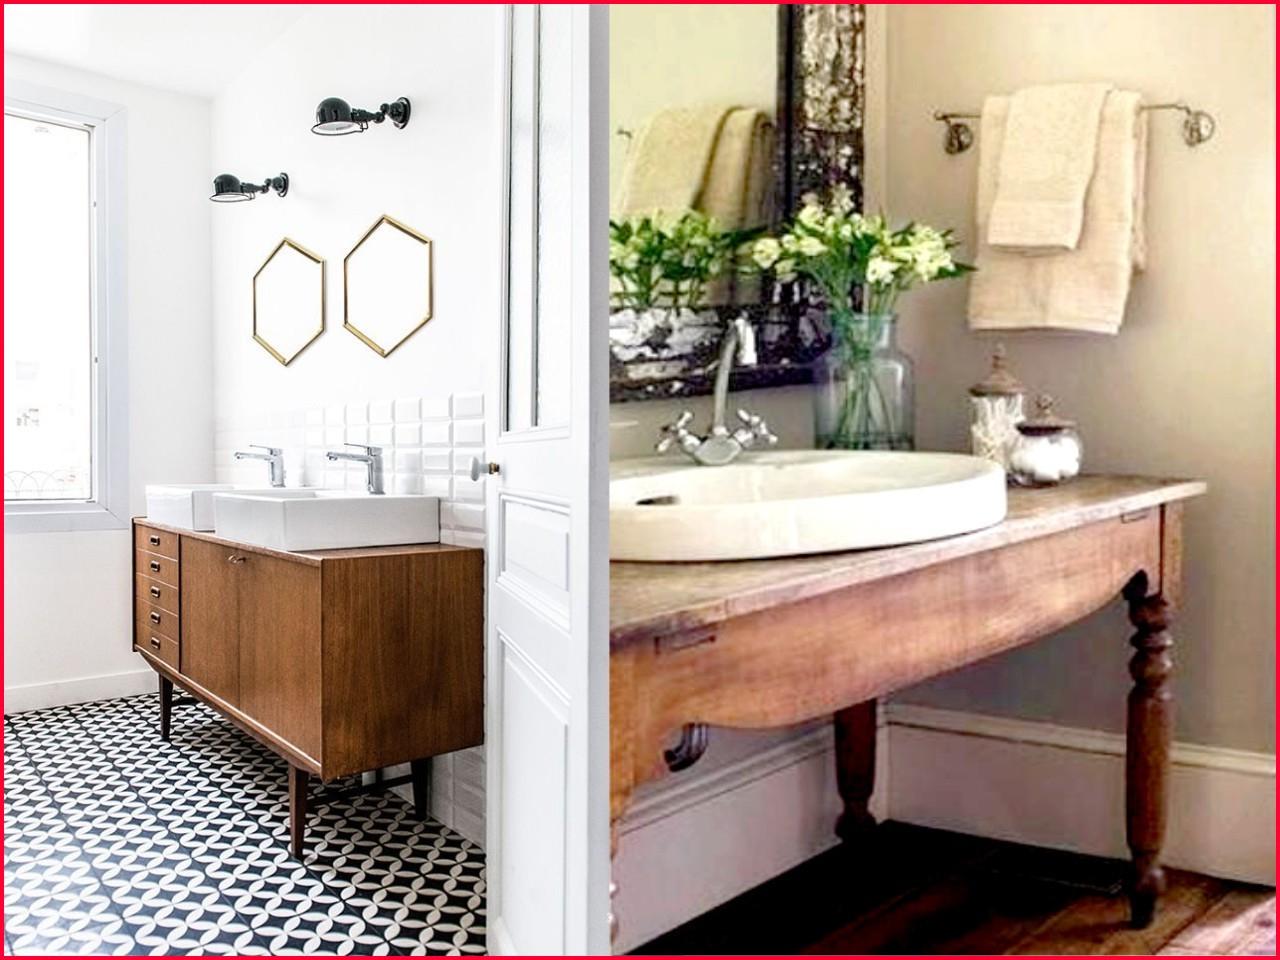 Mueble Baño Azul U3dh Muebles De Baà O Vintage Mejor Banoss Vintage Mueble Ba C3 B1o